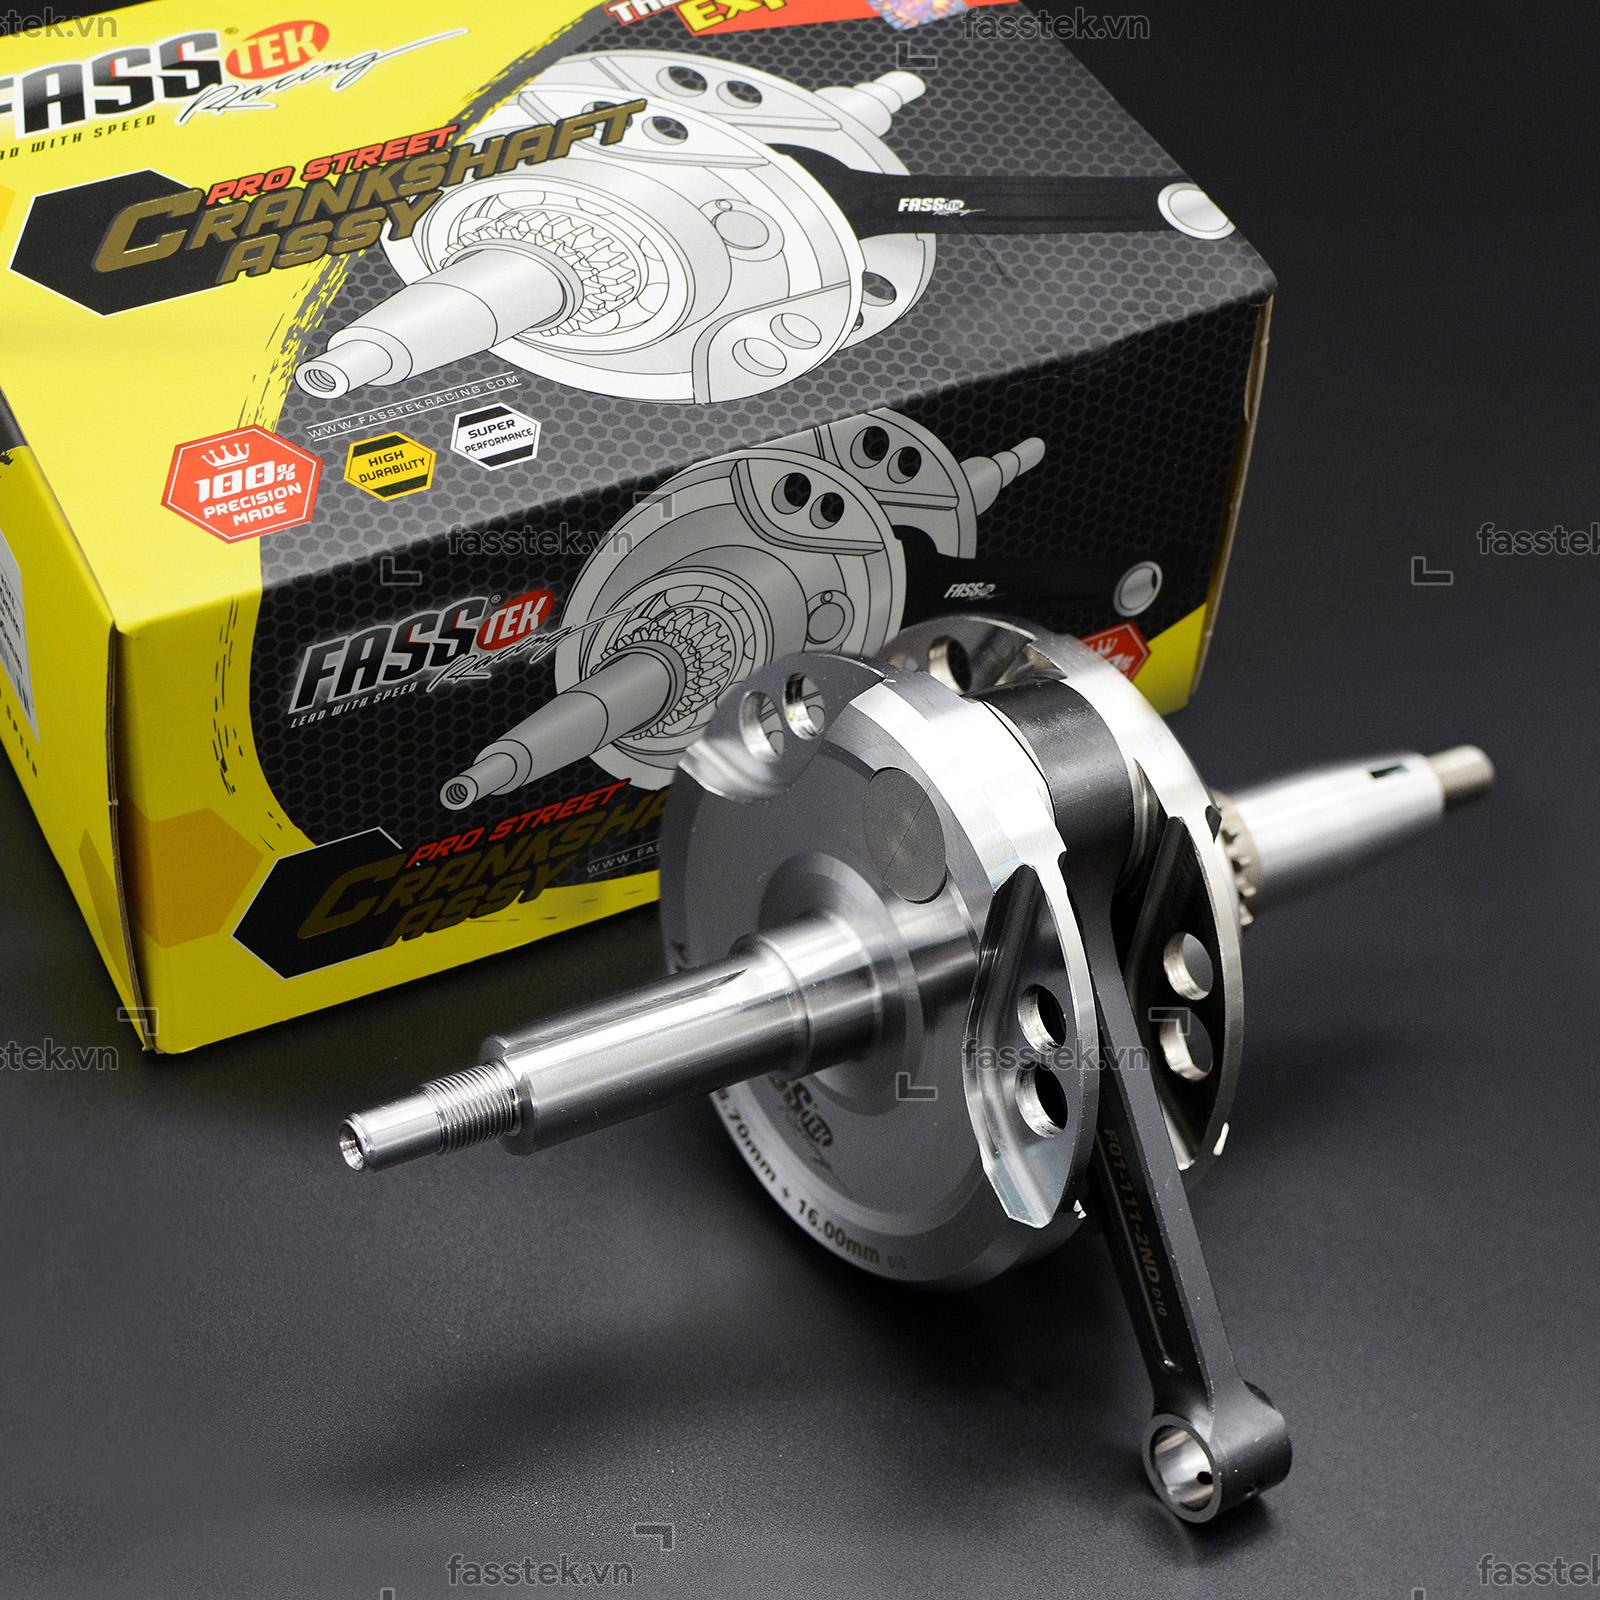 Dên đôn Fasstek Racing +8mm tay 111L cho Exciter 150